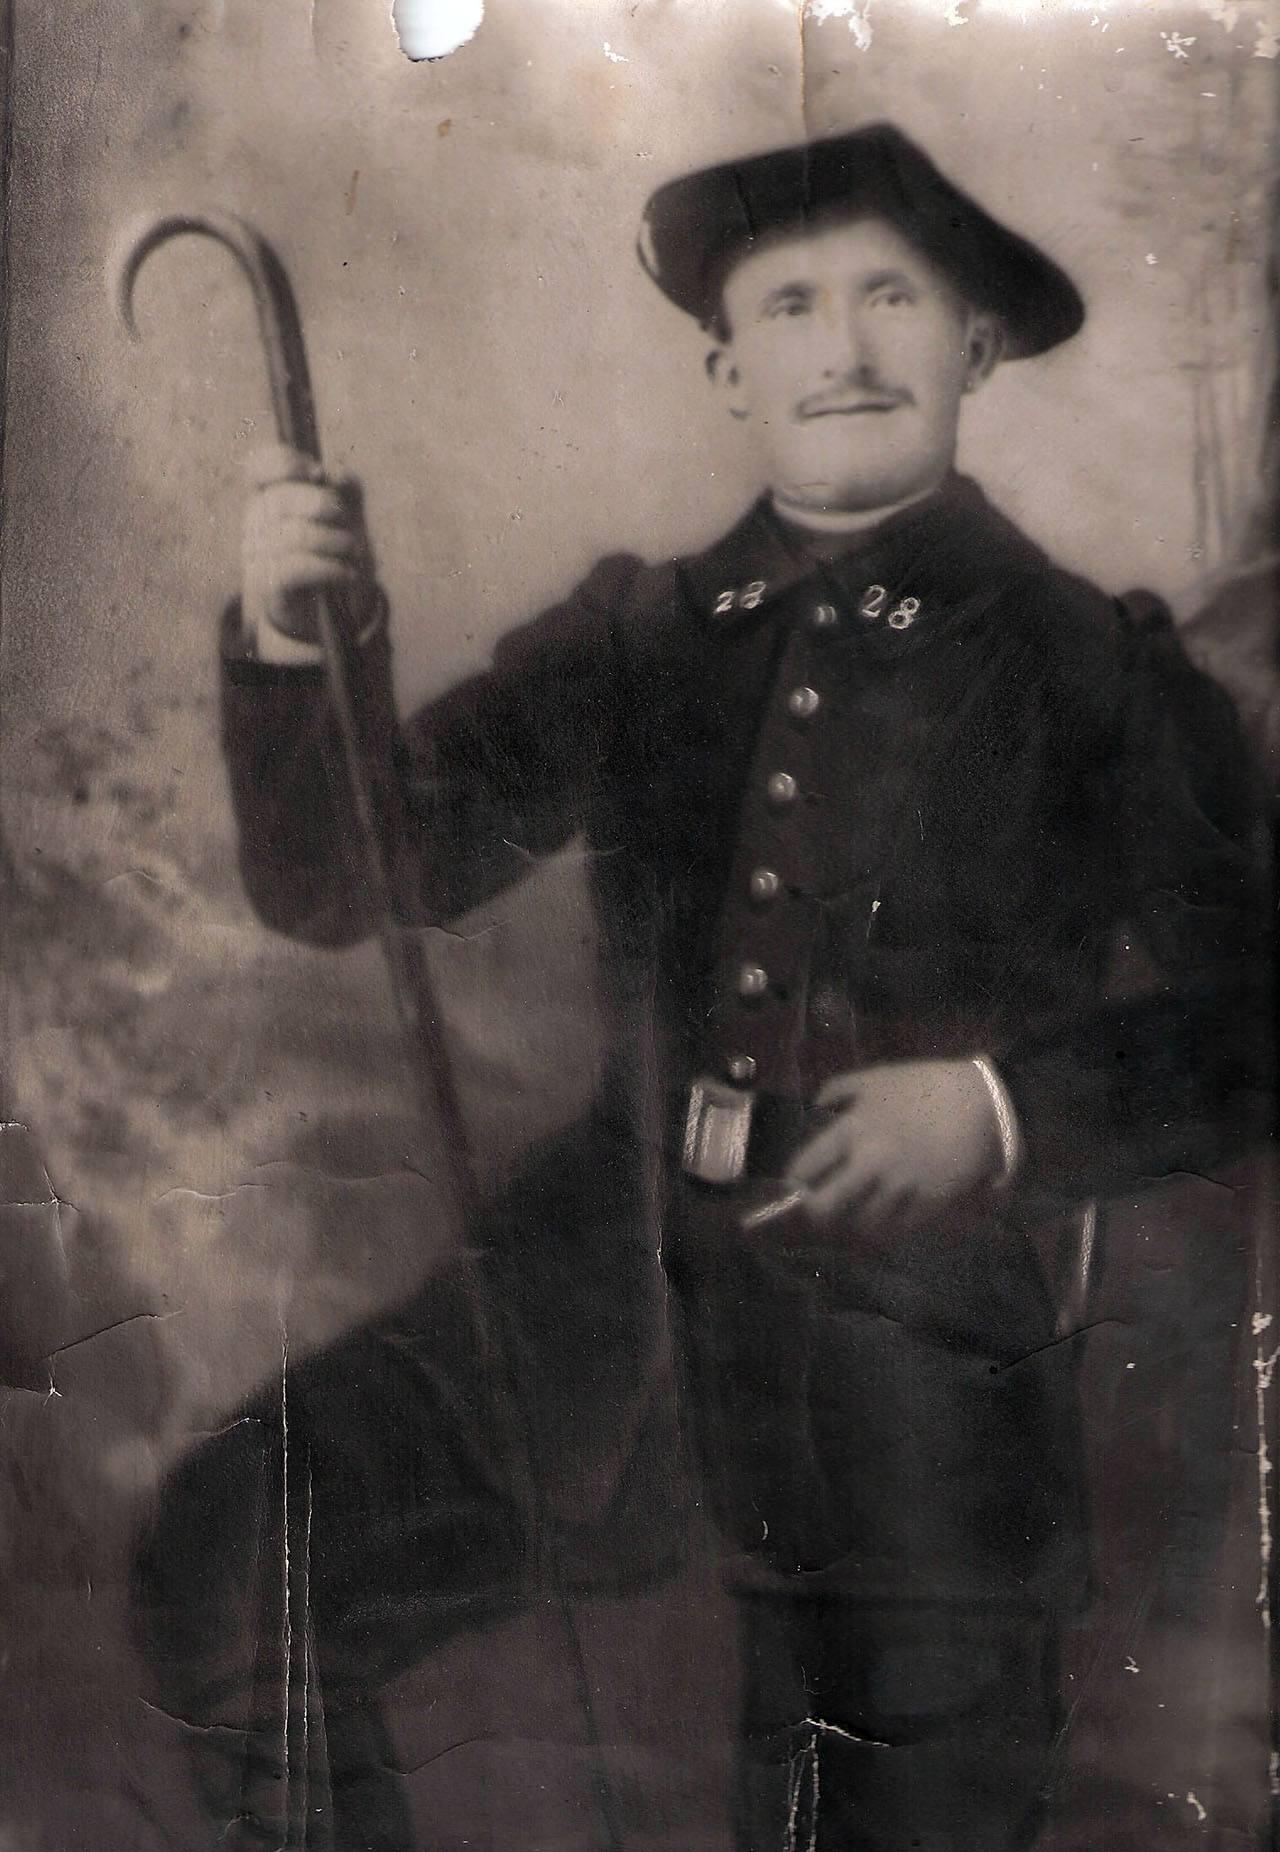 Jean Baptiste Assaud mort pour la France le 15 août 1918.